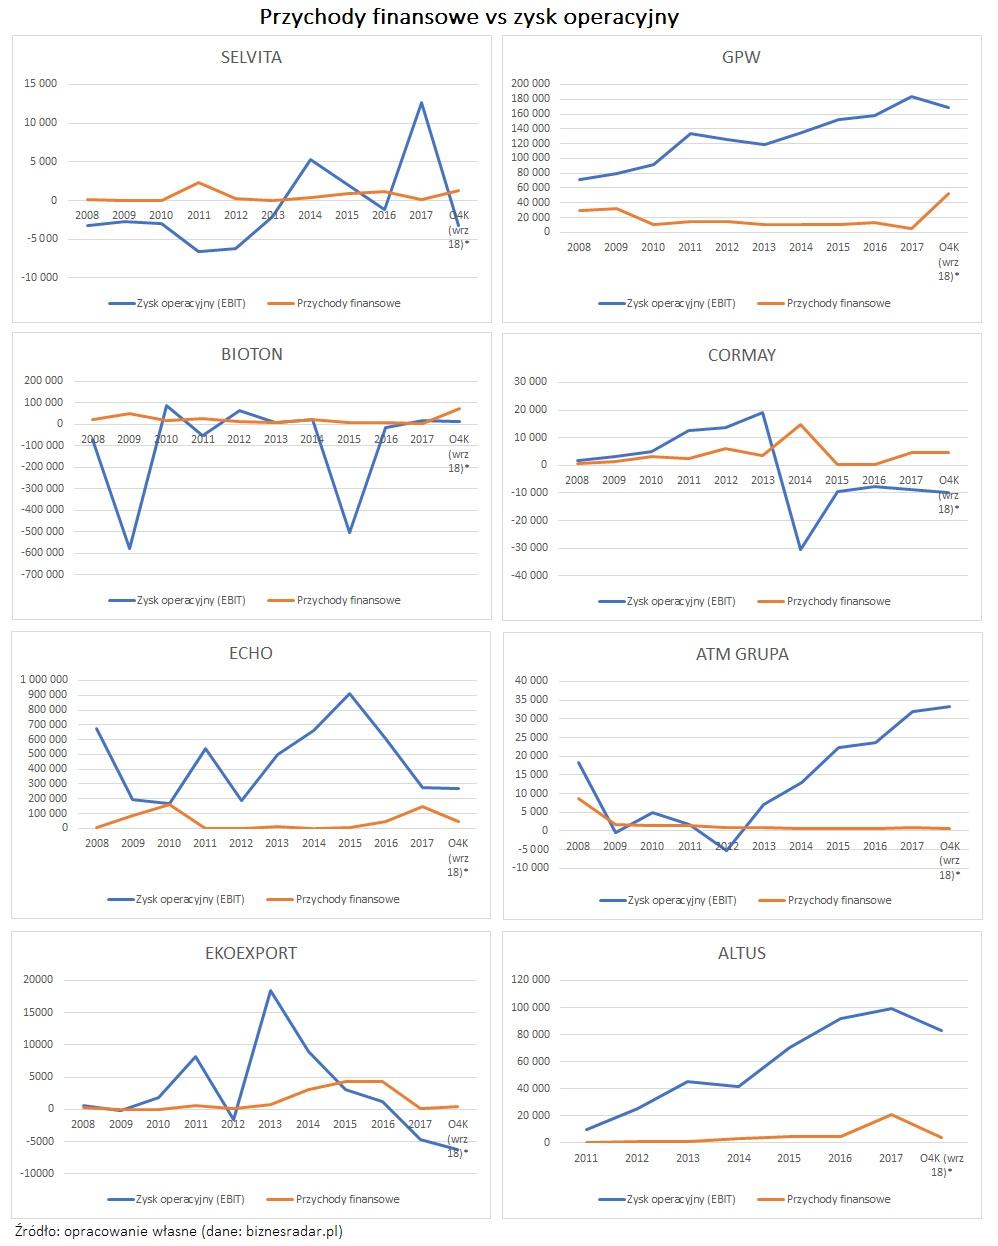 przychody-finansowe-vs-zysk-operacyjny